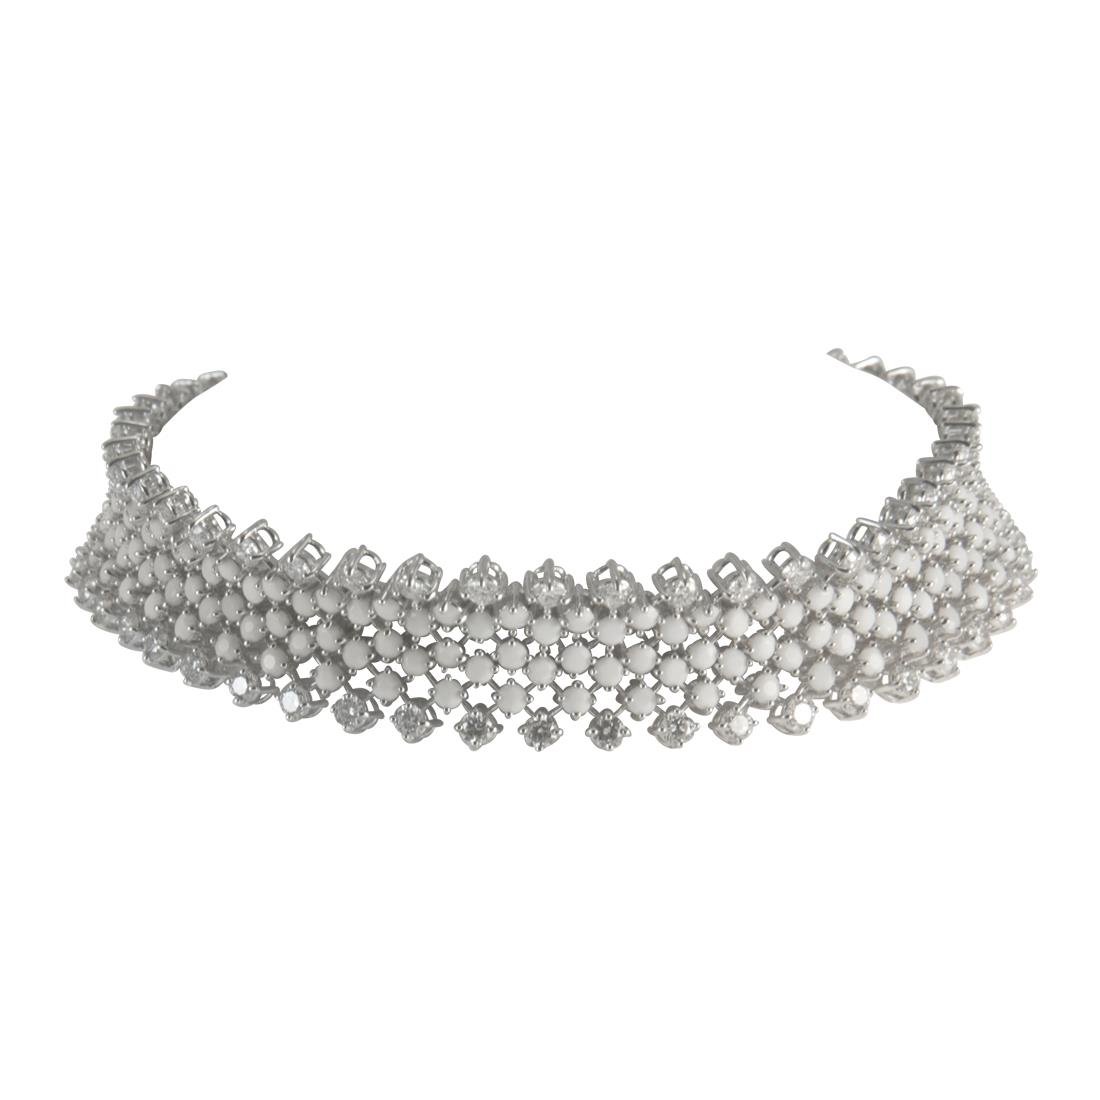 Bracciale  in oro bianco con diamanti ct 3.20 e agata bianca ct 5.08 - ALFIERI ST JOHN